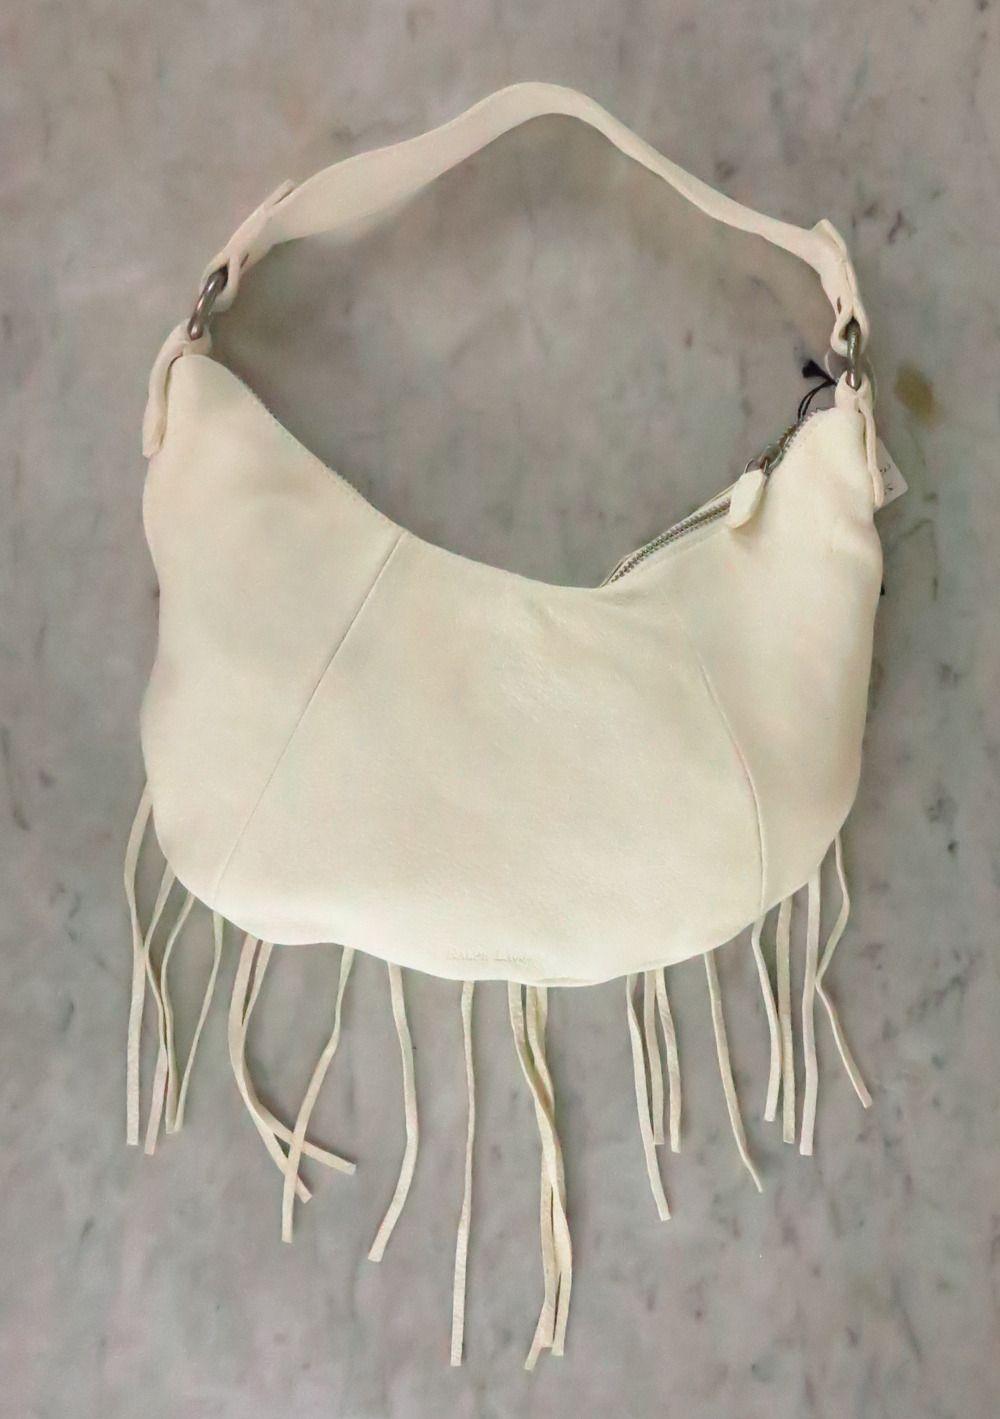 Ральф Лорен белый мягкий кожаный бахромой плеча сумку СЗТ изображения 3